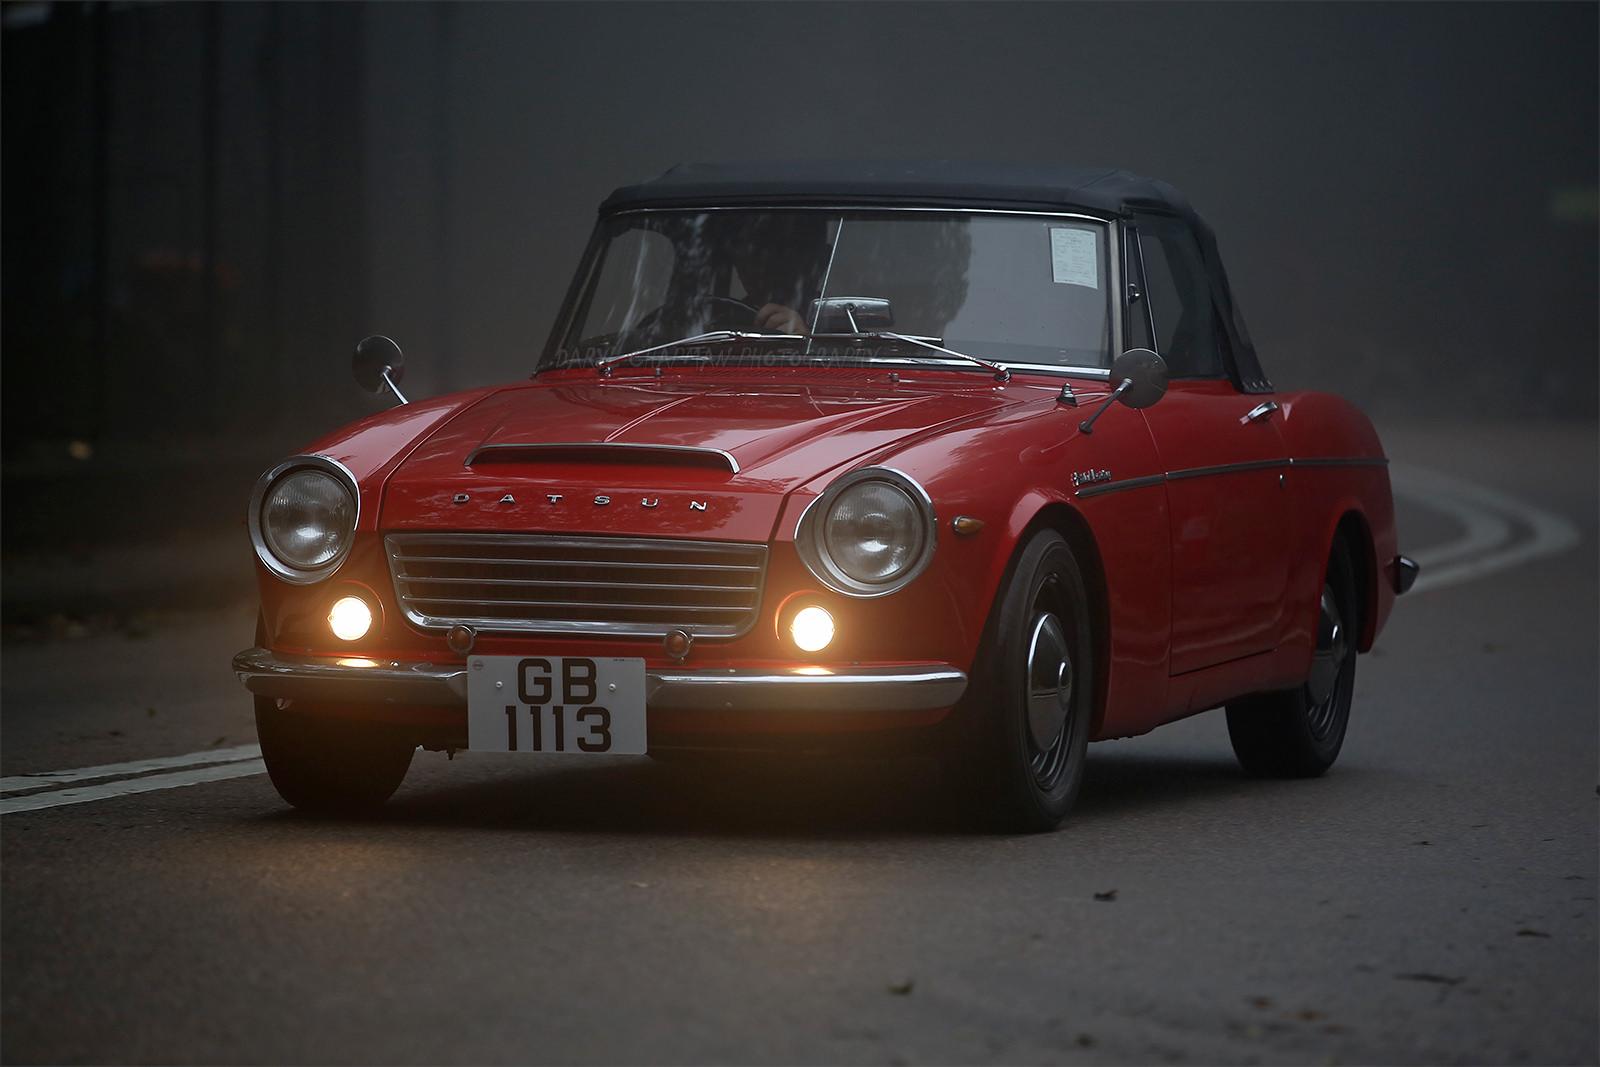 Datsun Fairlady, stare auta, kultowe roadstery, JDM, japońska motoryzacja, fajne samochody, unikalne, ciekawe